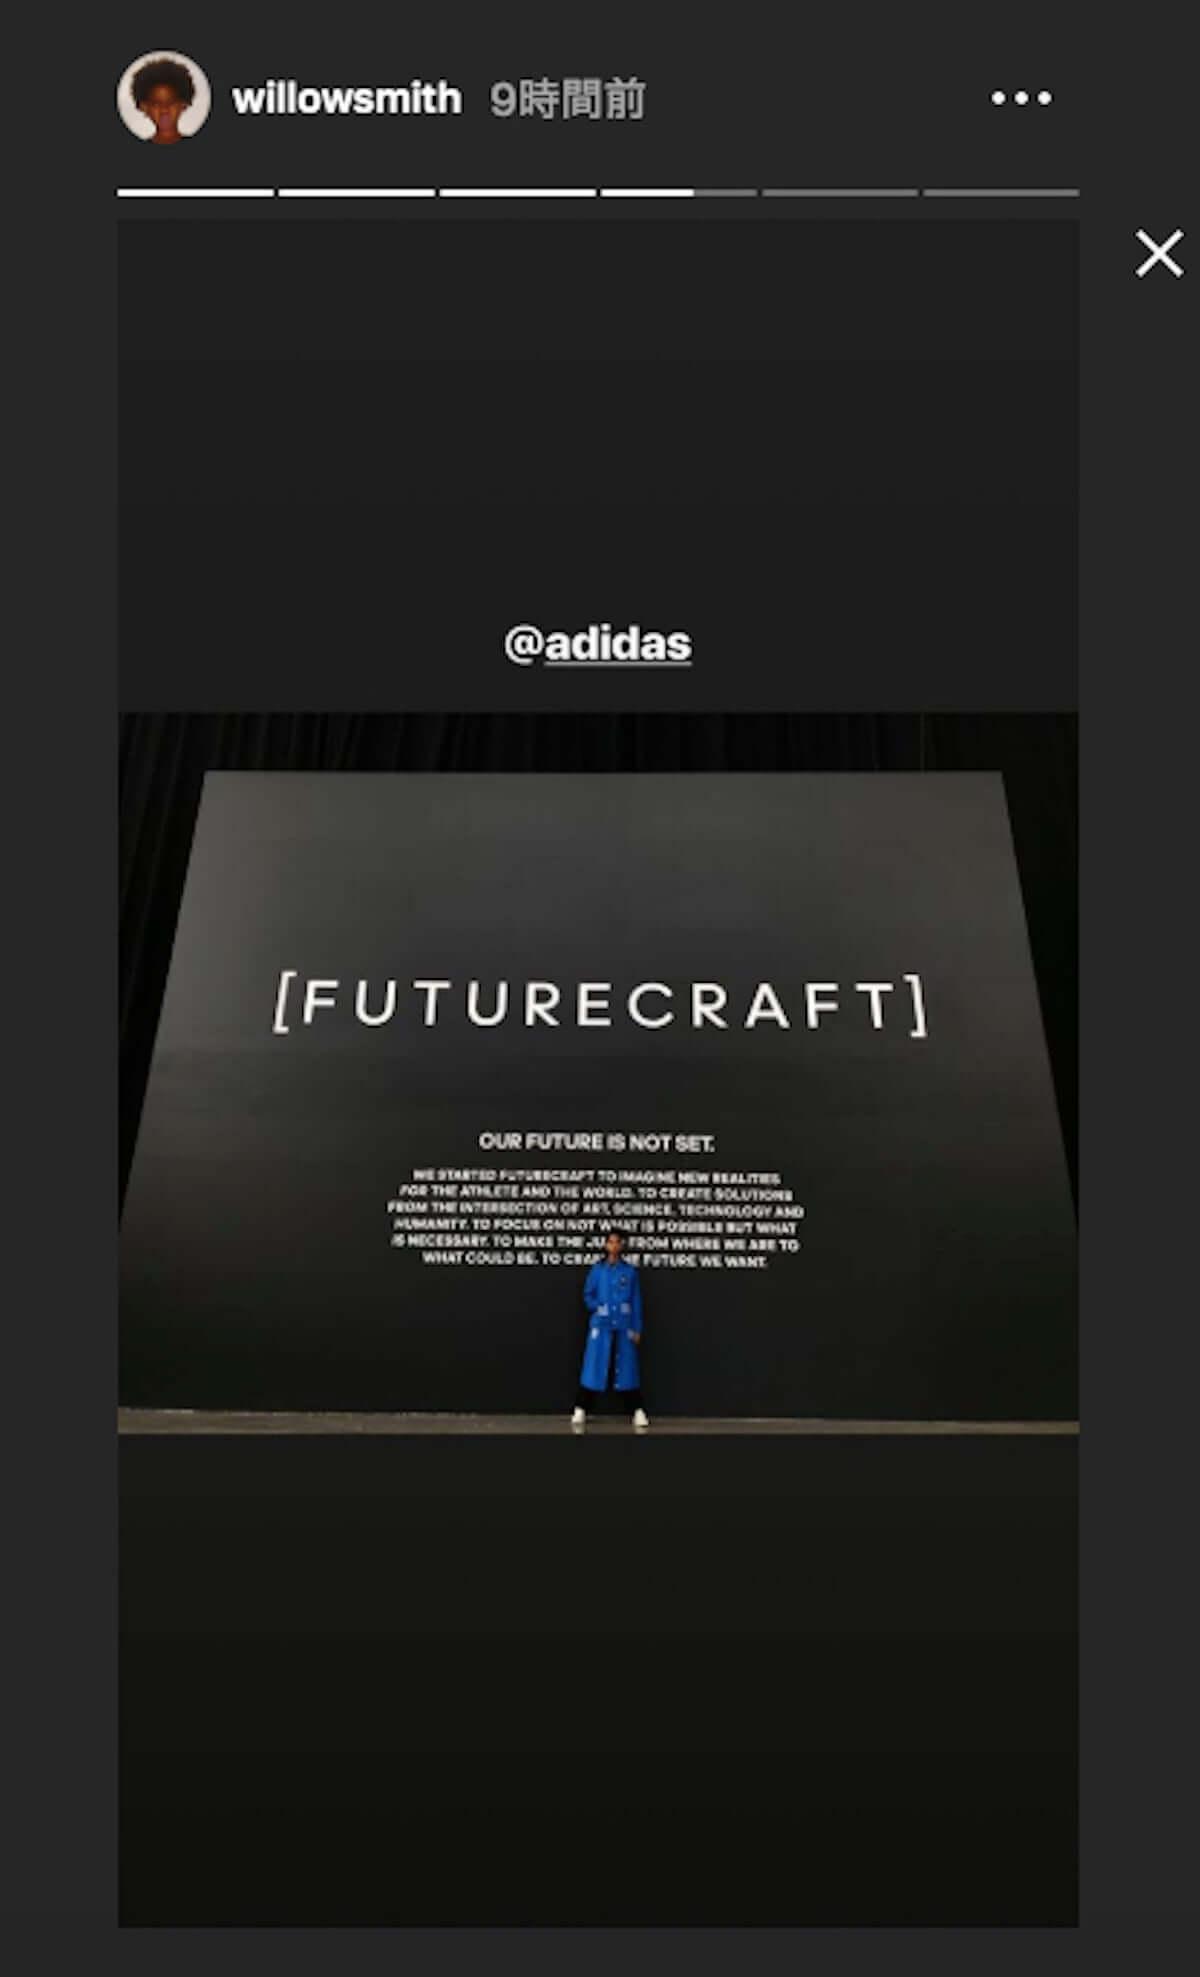 adidasから100%リサイクル可能なランニングシューズ「FUTURECRAFT.LOOP」が登場 発表イベントにSIRUP、コムアイらの姿も life190418_adidas_3-1200x1977